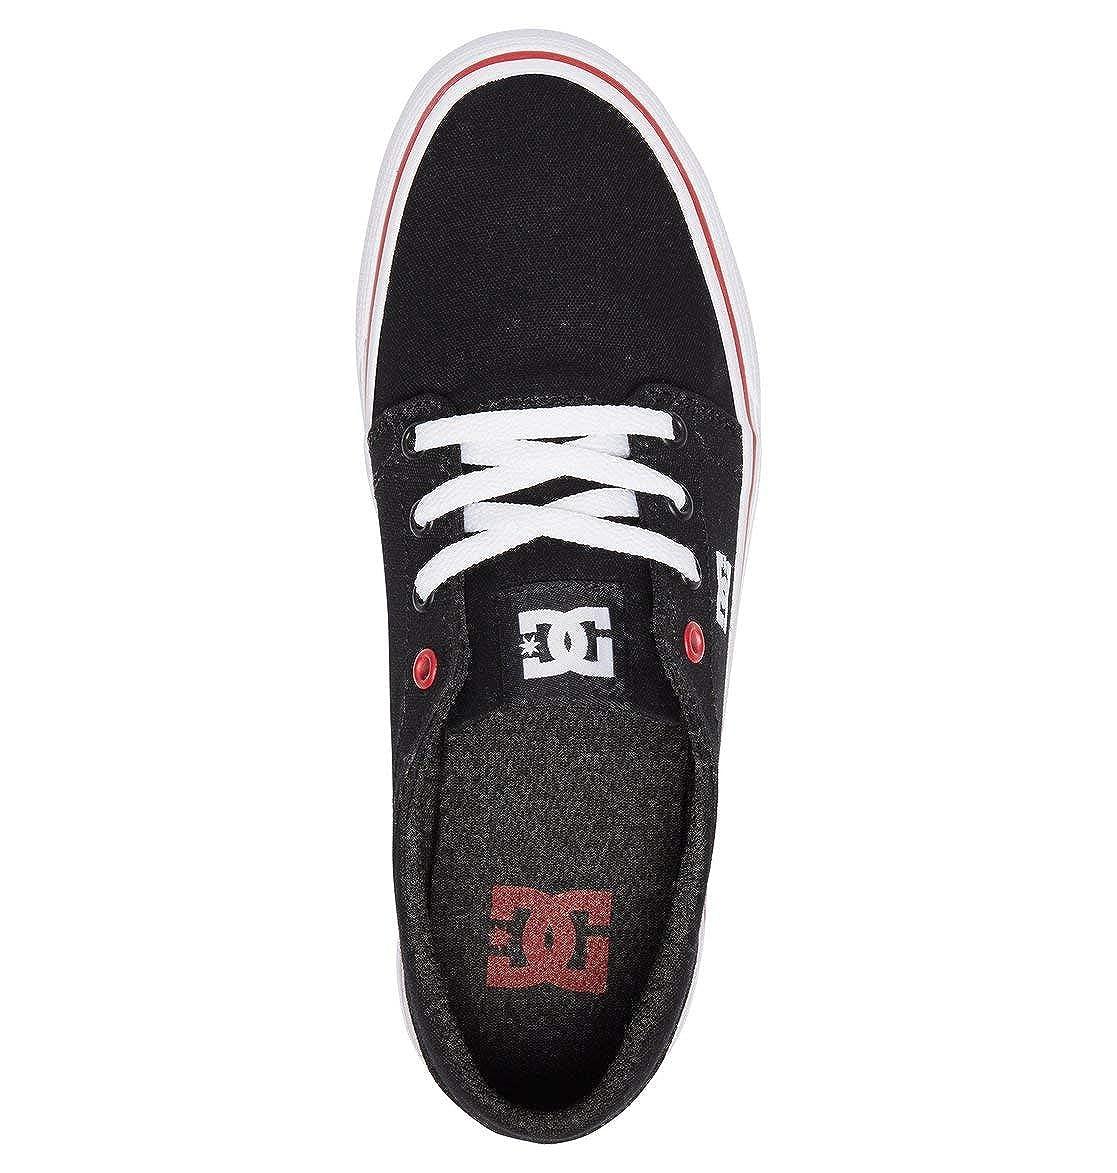 DC scarpe TONIK - Scarpe da Ginnastica Basse Uomo Uomo Uomo | Materiali Selezionati Con Cura  946f07